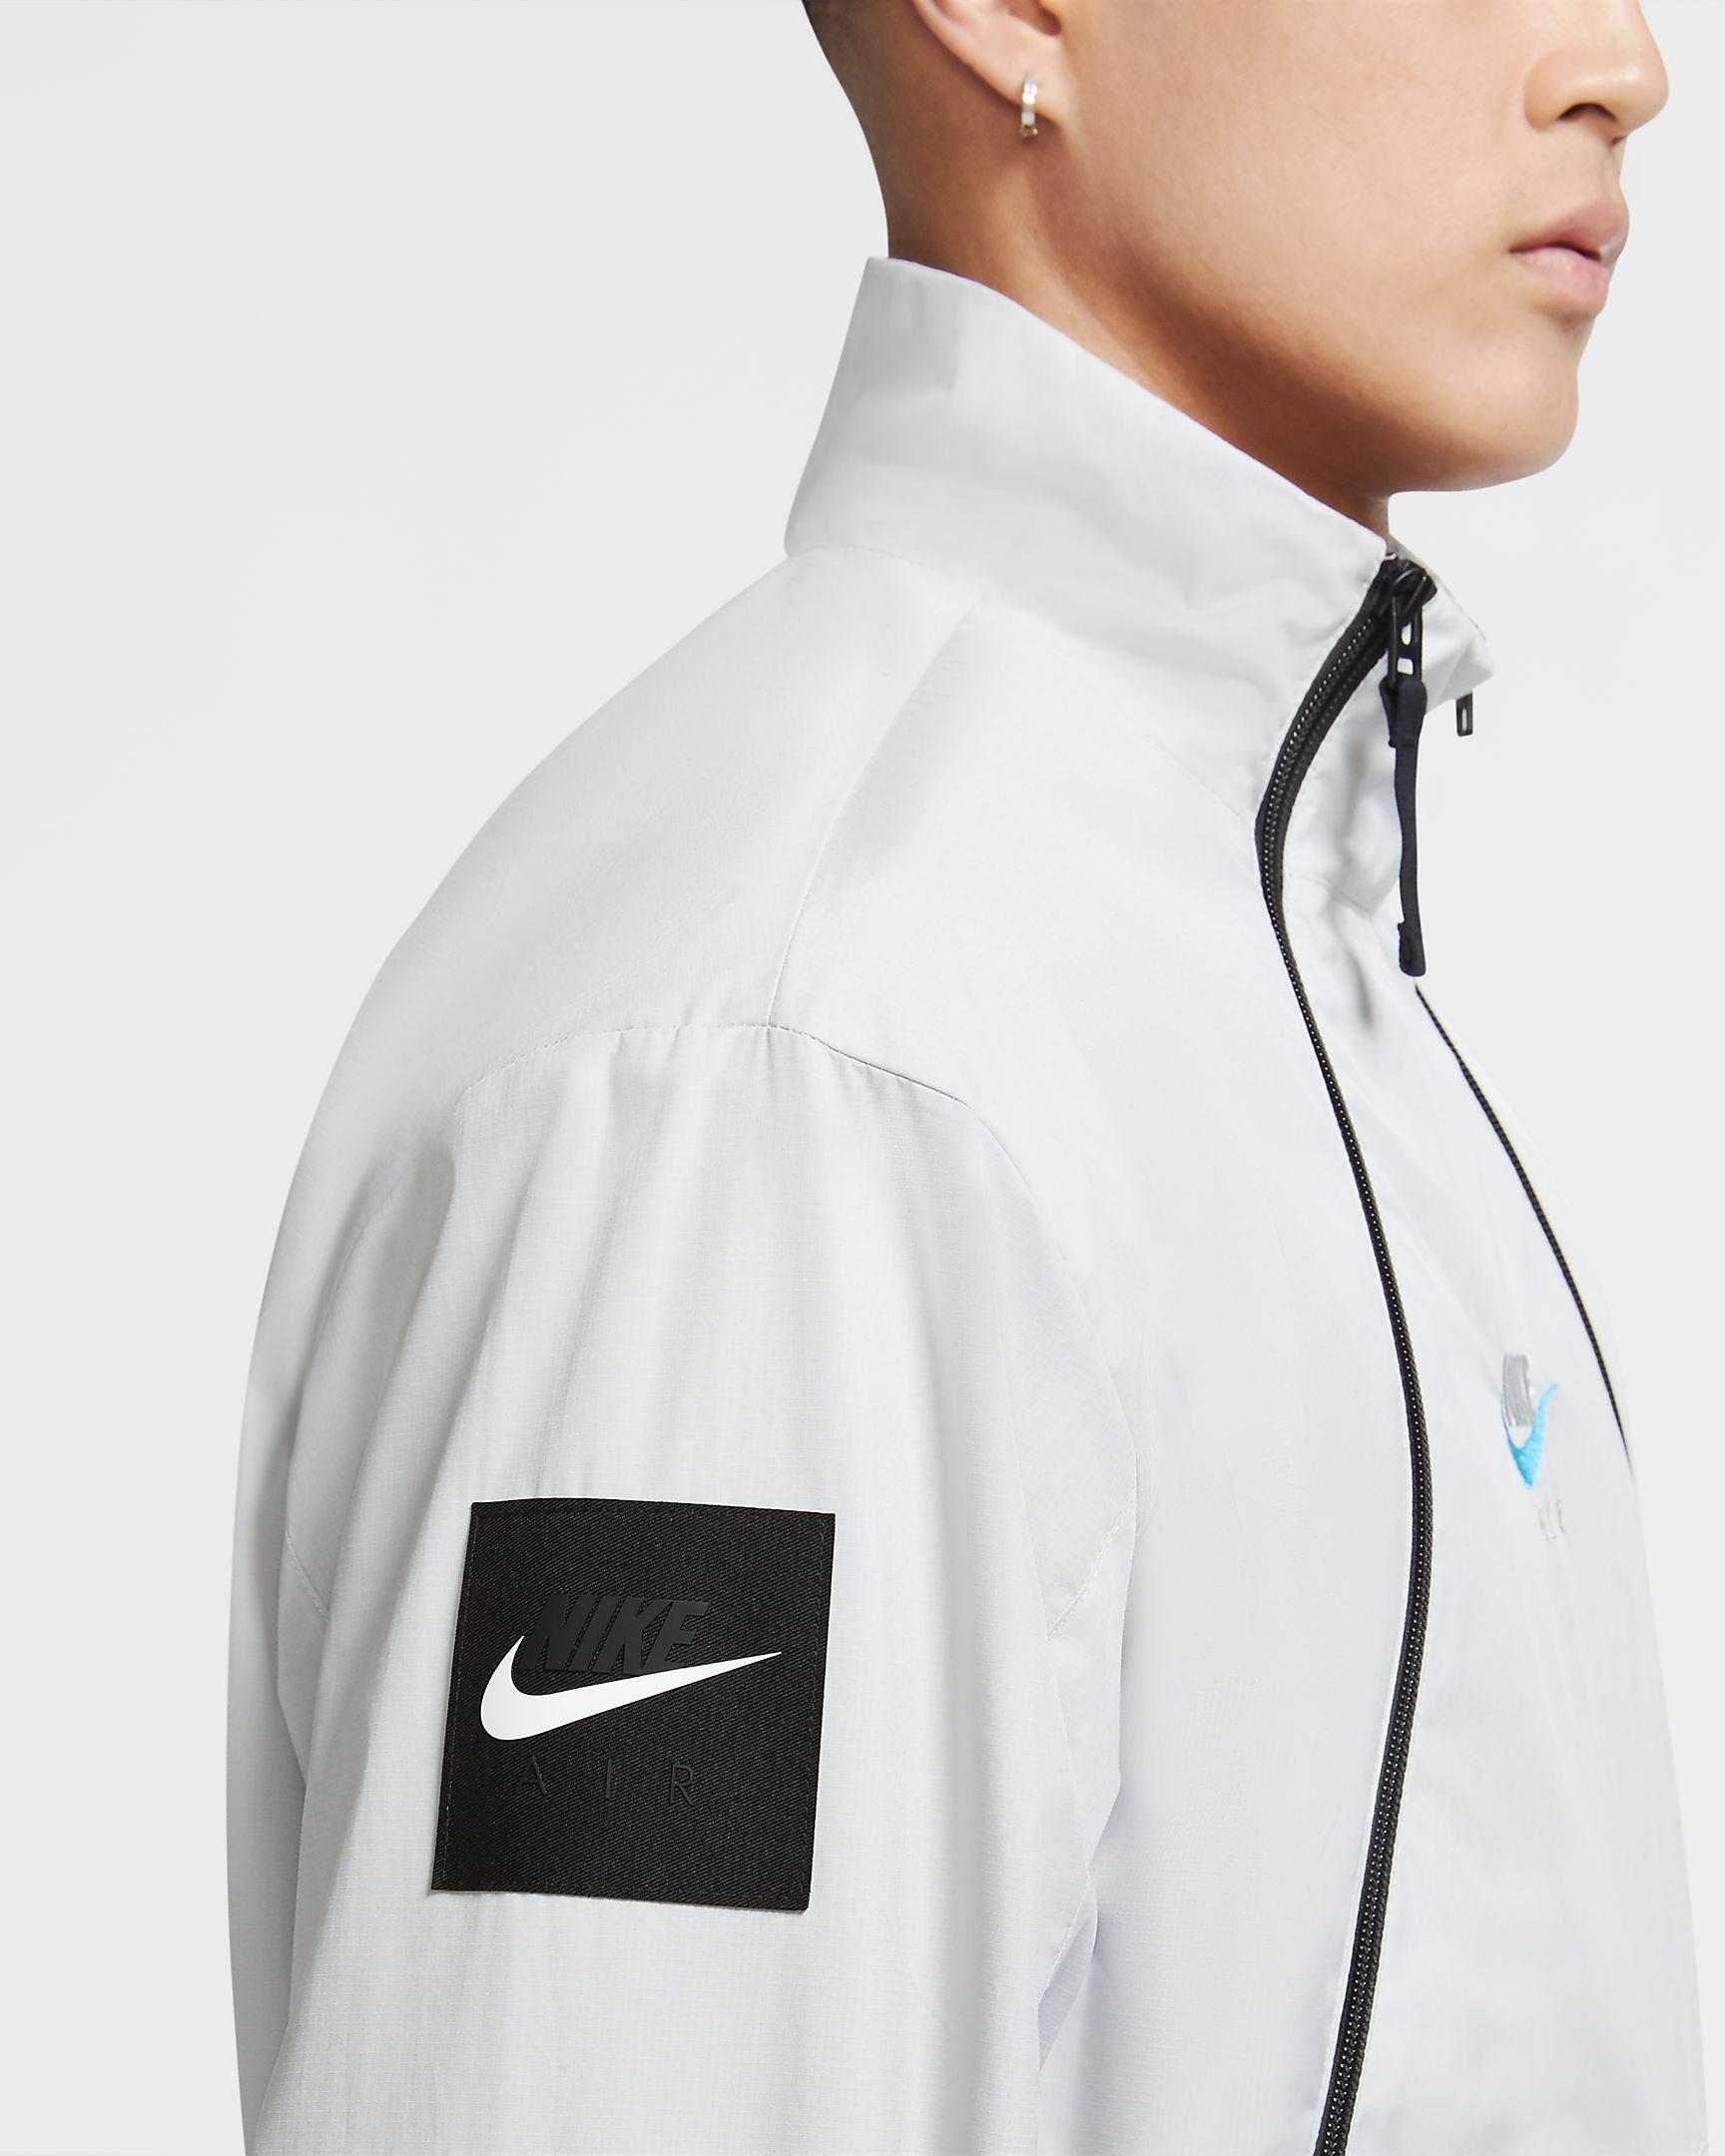 nike-air-jacket-grey-fog-laser-blue-4